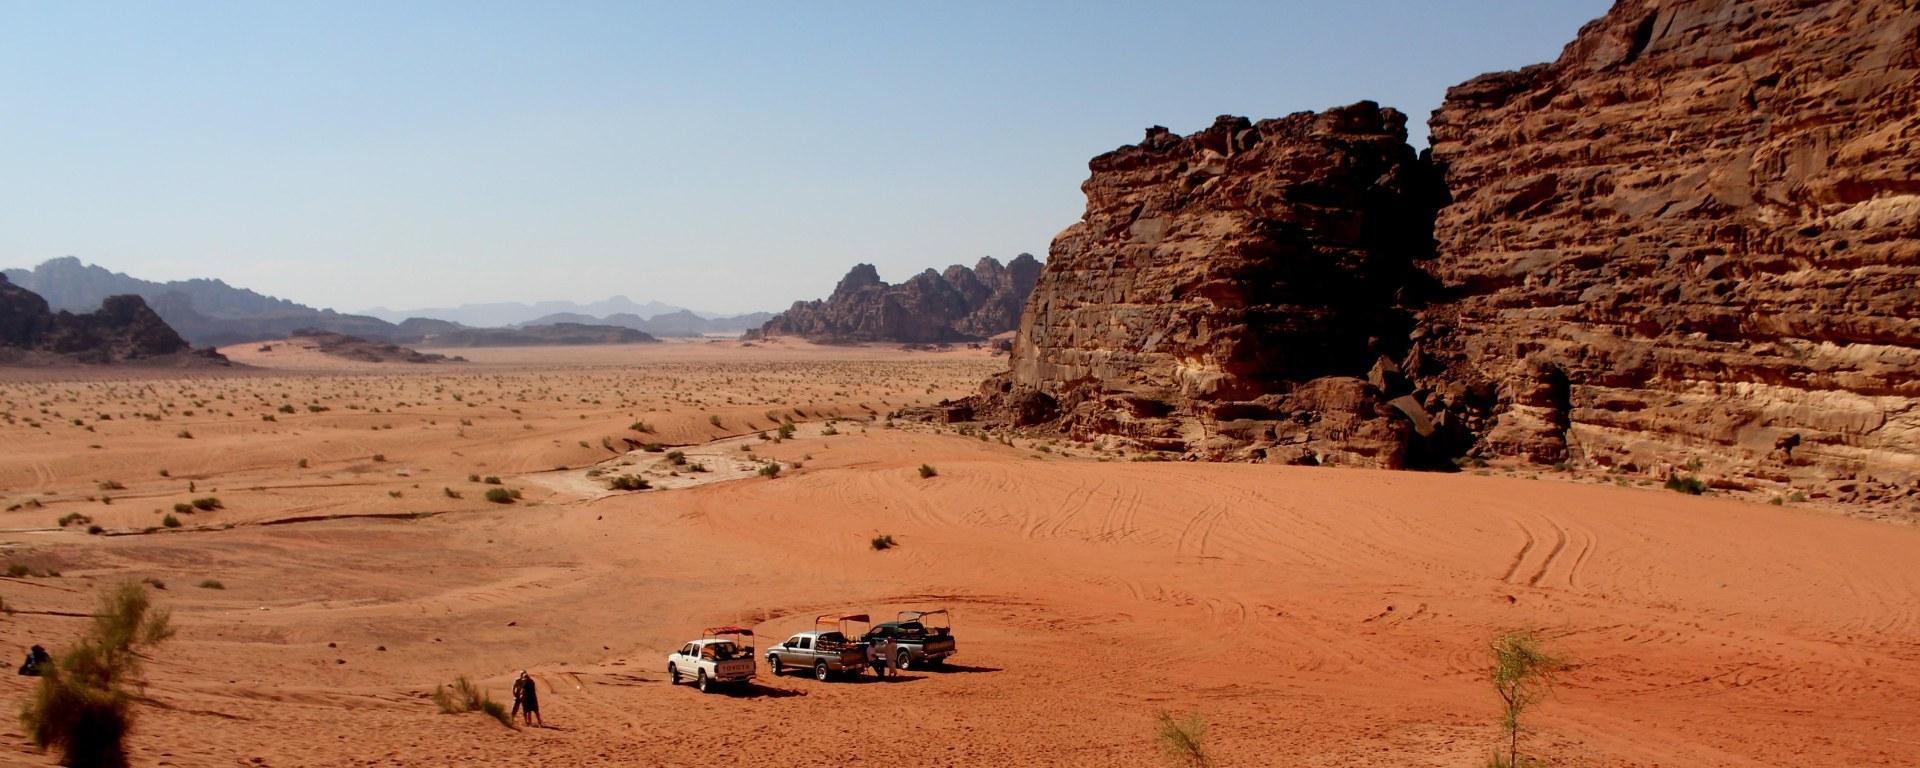 Trip from Petra to Wadi Rum Desert Jordan.